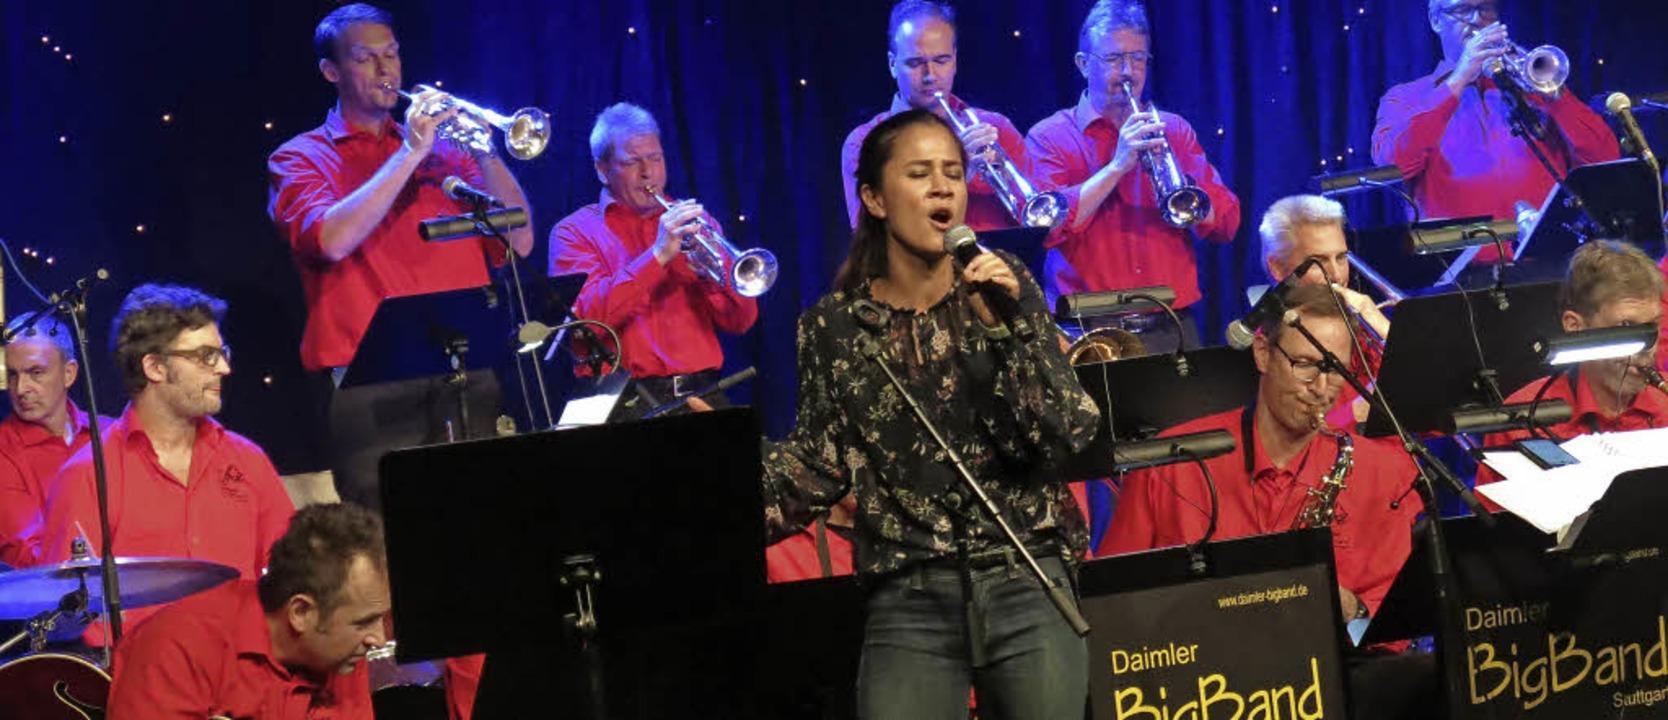 Sängerin Alexandra Jansen mit der Daimler Big Band  | Foto: Georg Voß